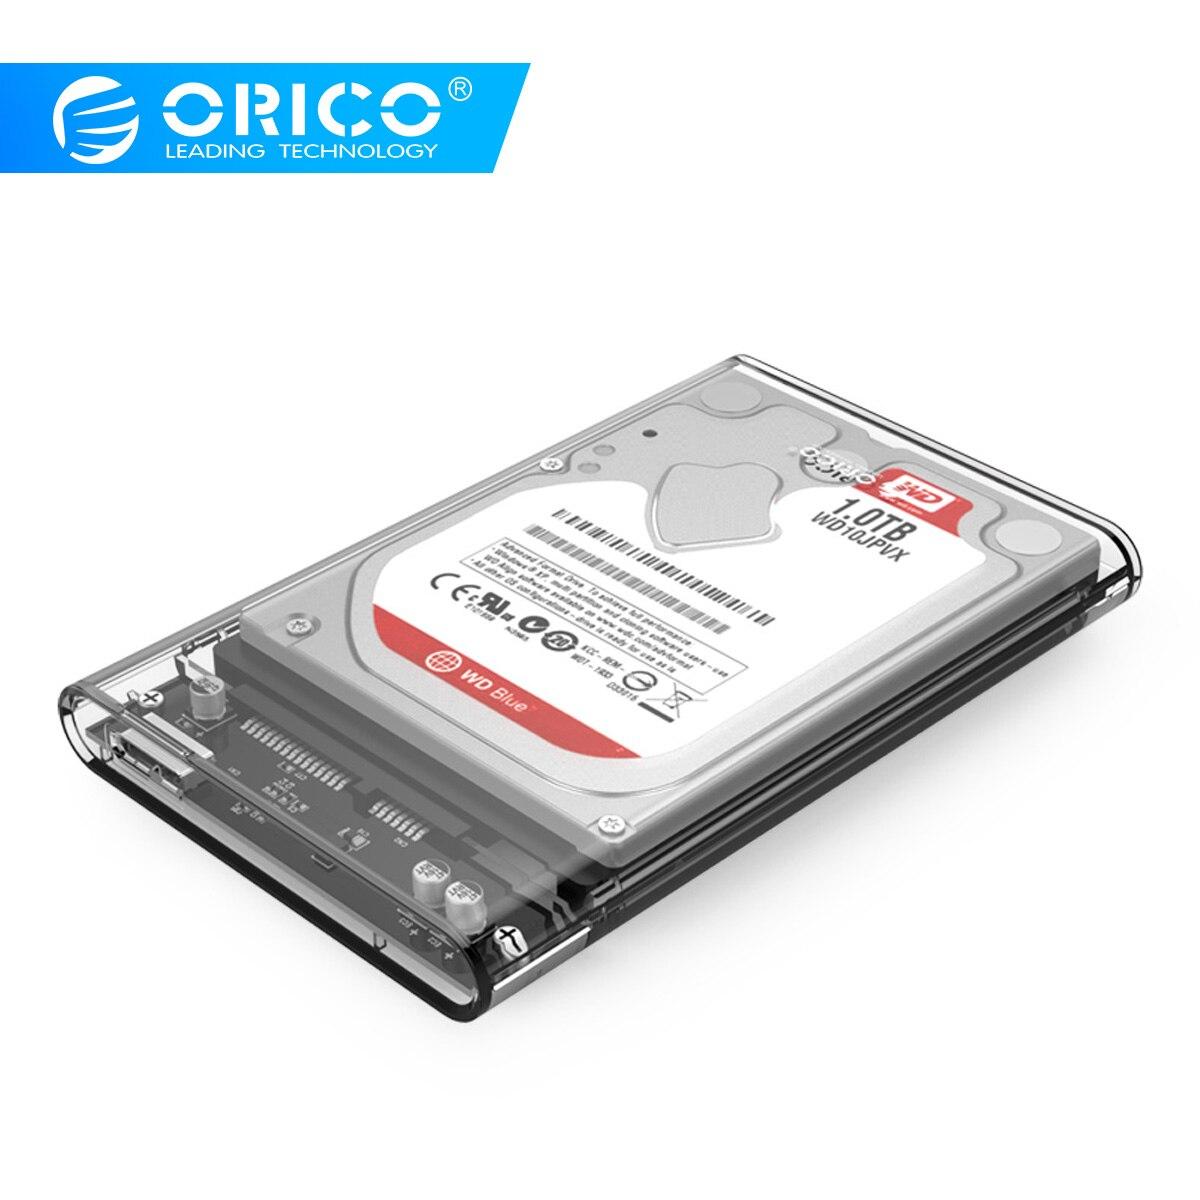 ORICO USB3.0 2139U3 2.5 Polegada Transparente Compartimento Do Disco Rígido Support Protocolo UASP Hard Drive Enclosure